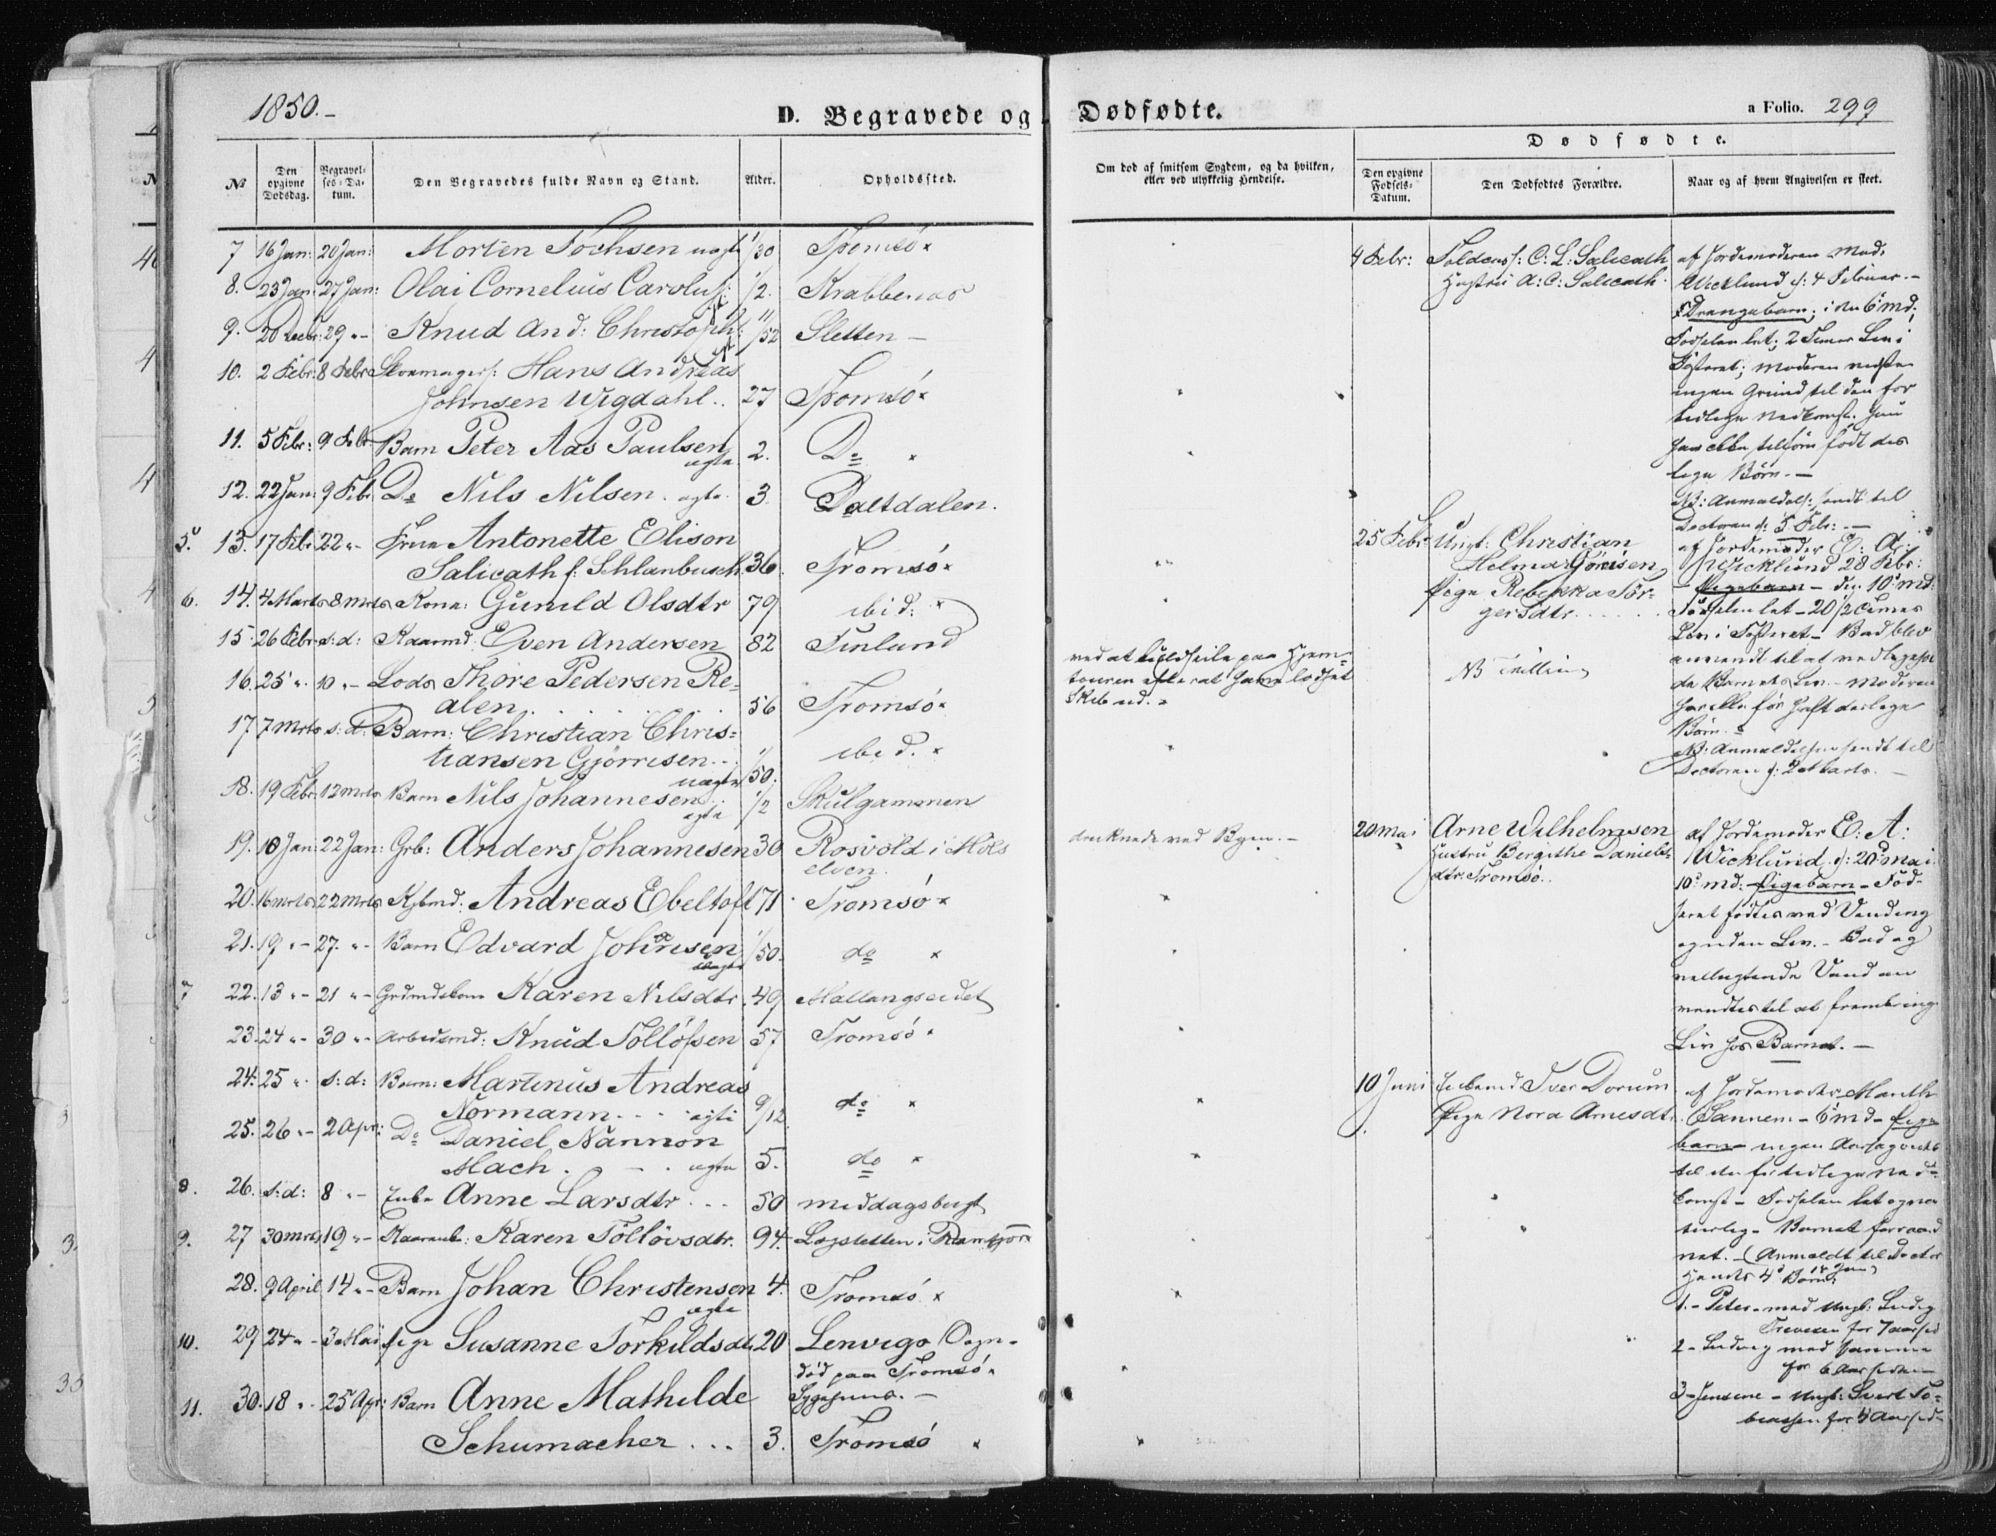 SATØ, Tromsø sokneprestkontor/stiftsprosti/domprosti, G/Ga/L0010kirke: Ministerialbok nr. 10, 1848-1855, s. 299